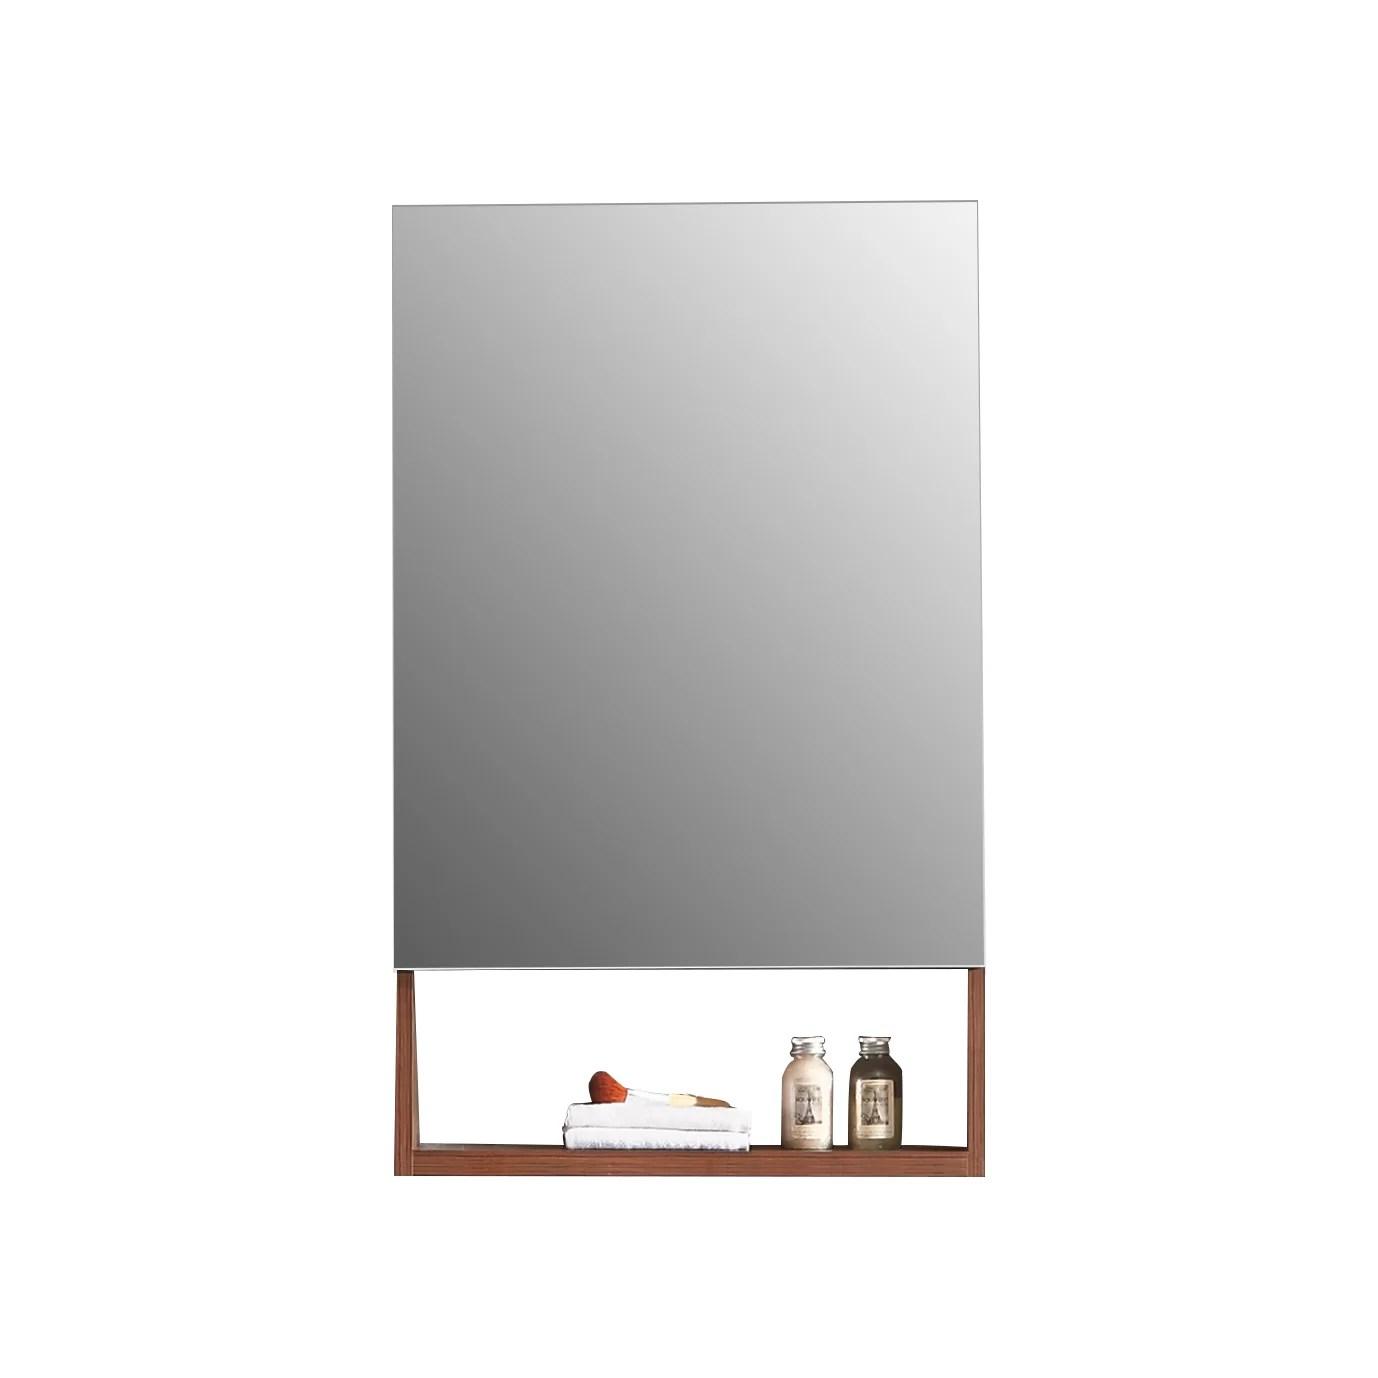 Knott 19 63 X 31 5 Surface Mount Frameless Medicine Cabinet Reviews Joss Main